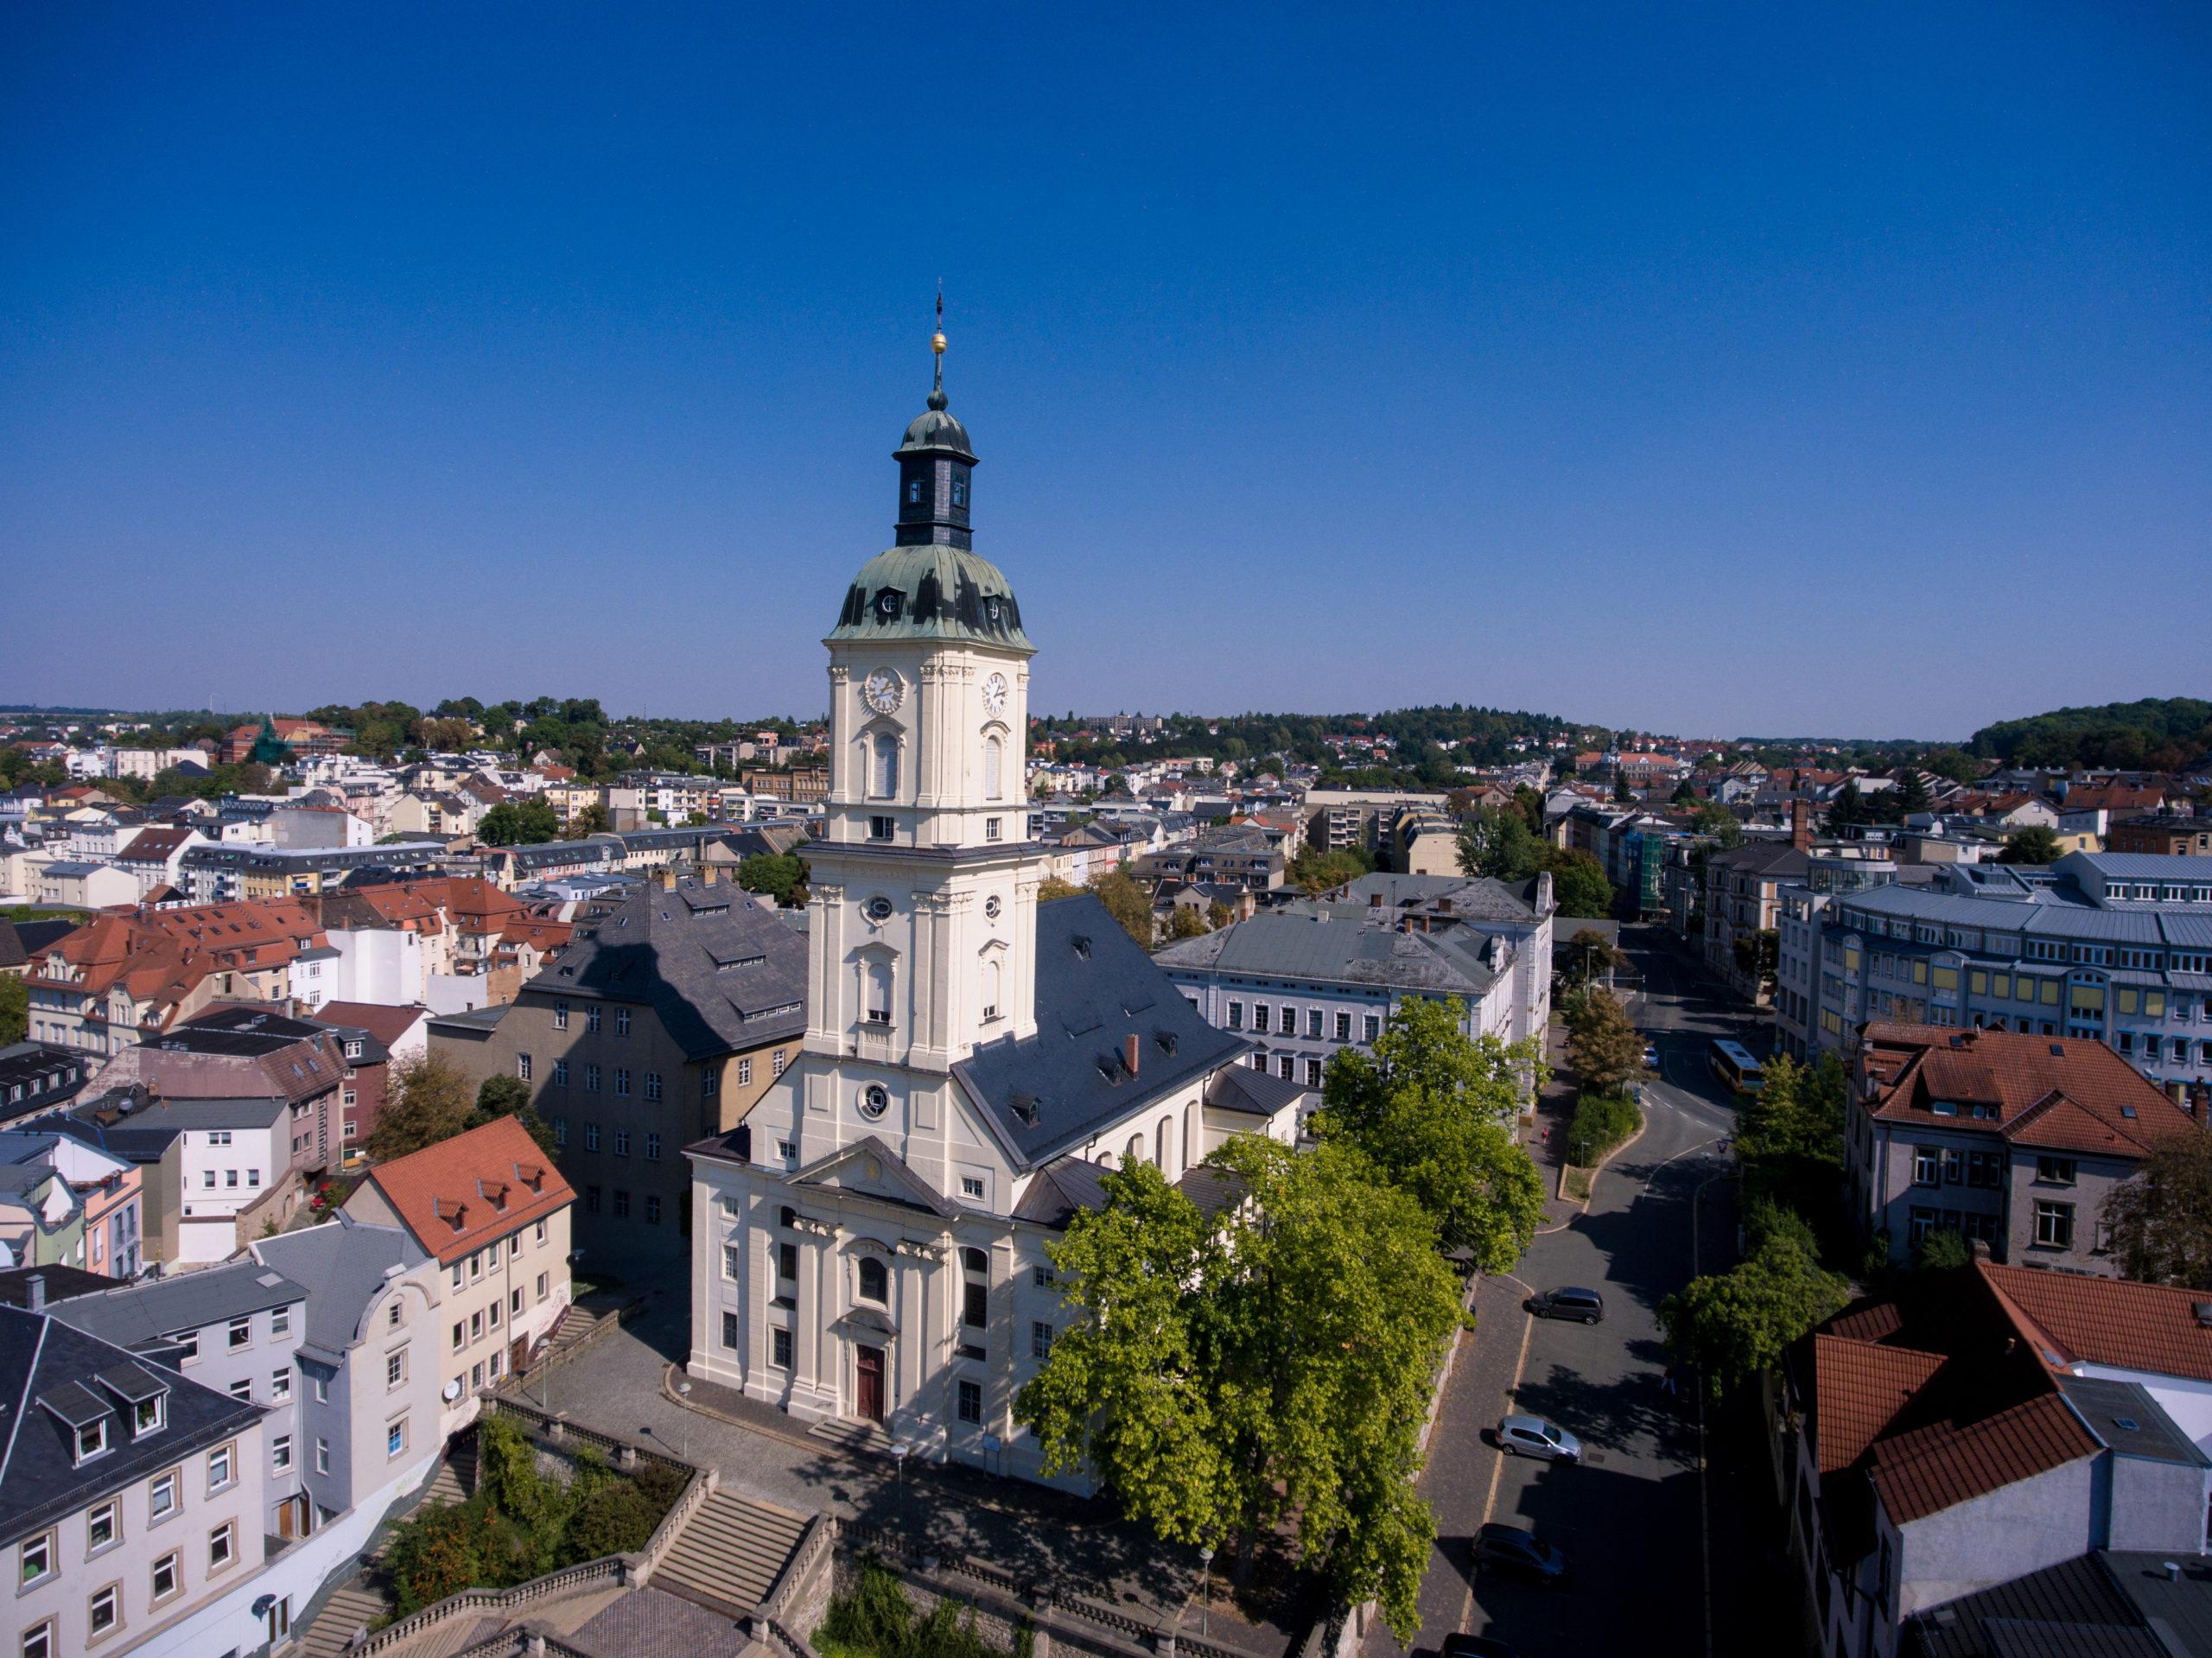 Haushaltsauflösung und Entrümpelung in Gera